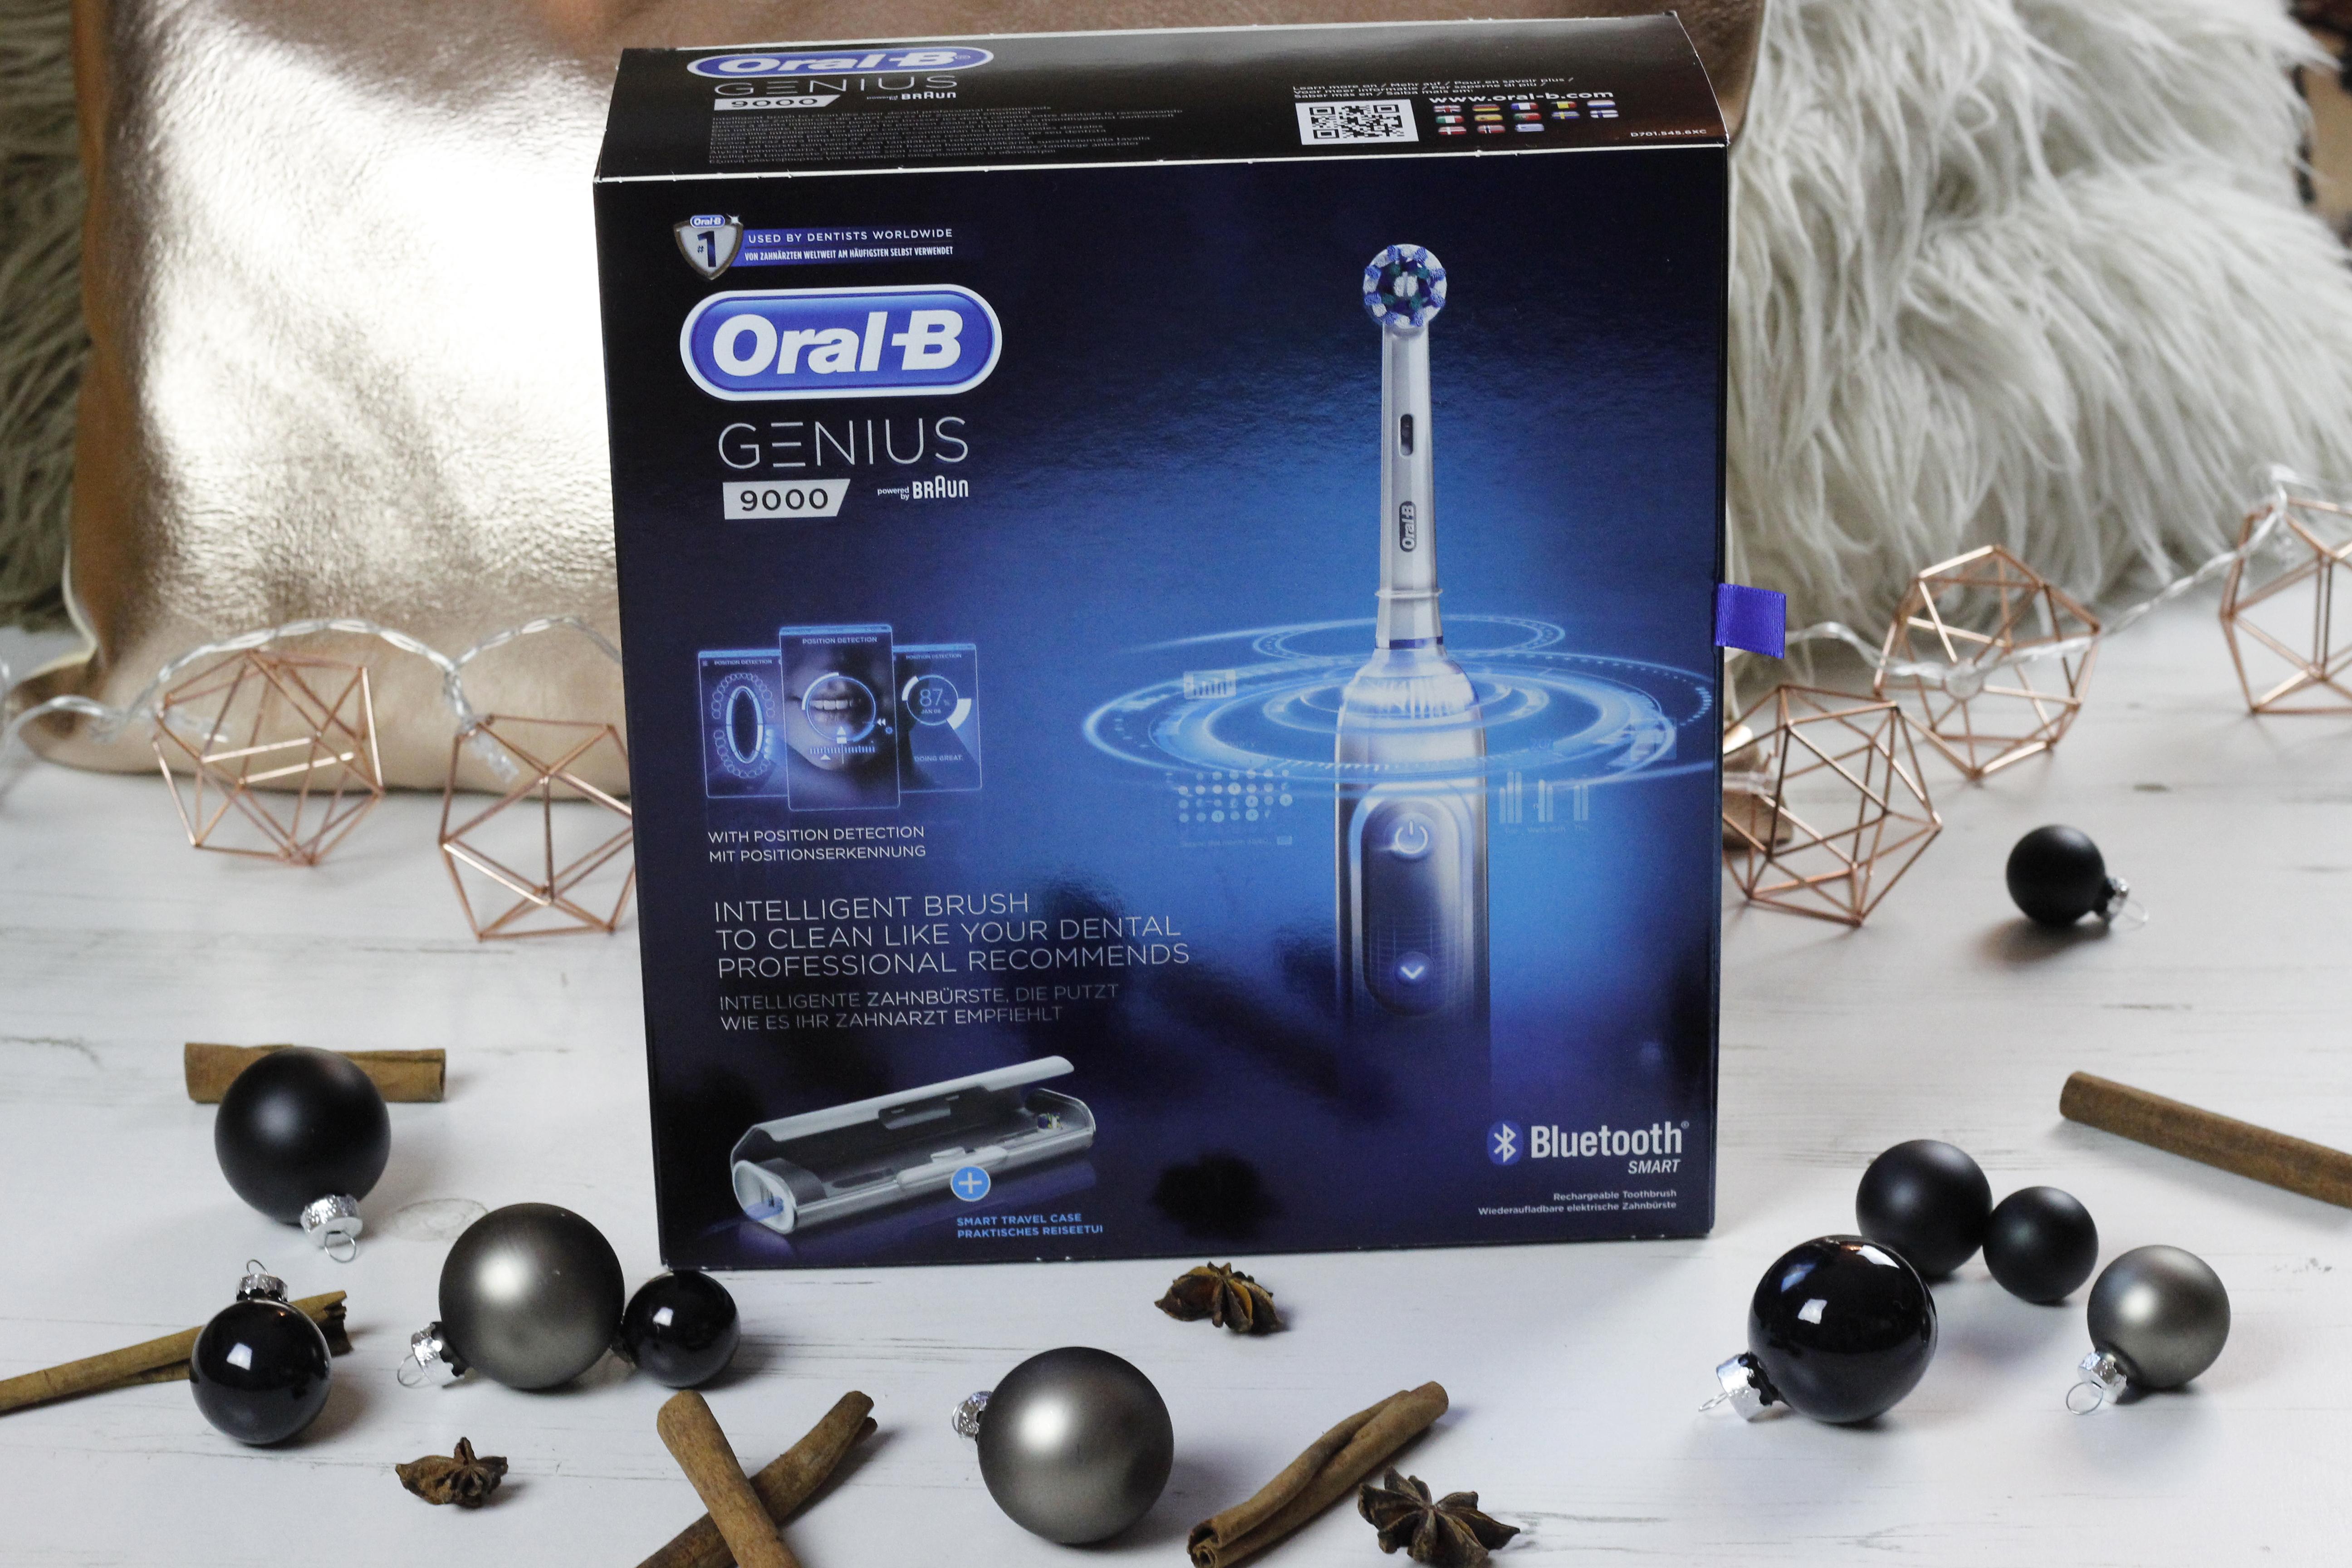 Oral-B-Genius-9000-Weihnachten-Advent-Adventsonntag-Gewinnspiel-Suechtig-nach-Lifestyleblog-Fashionblog-Foodblog-Oberoesterreich-Linz 02